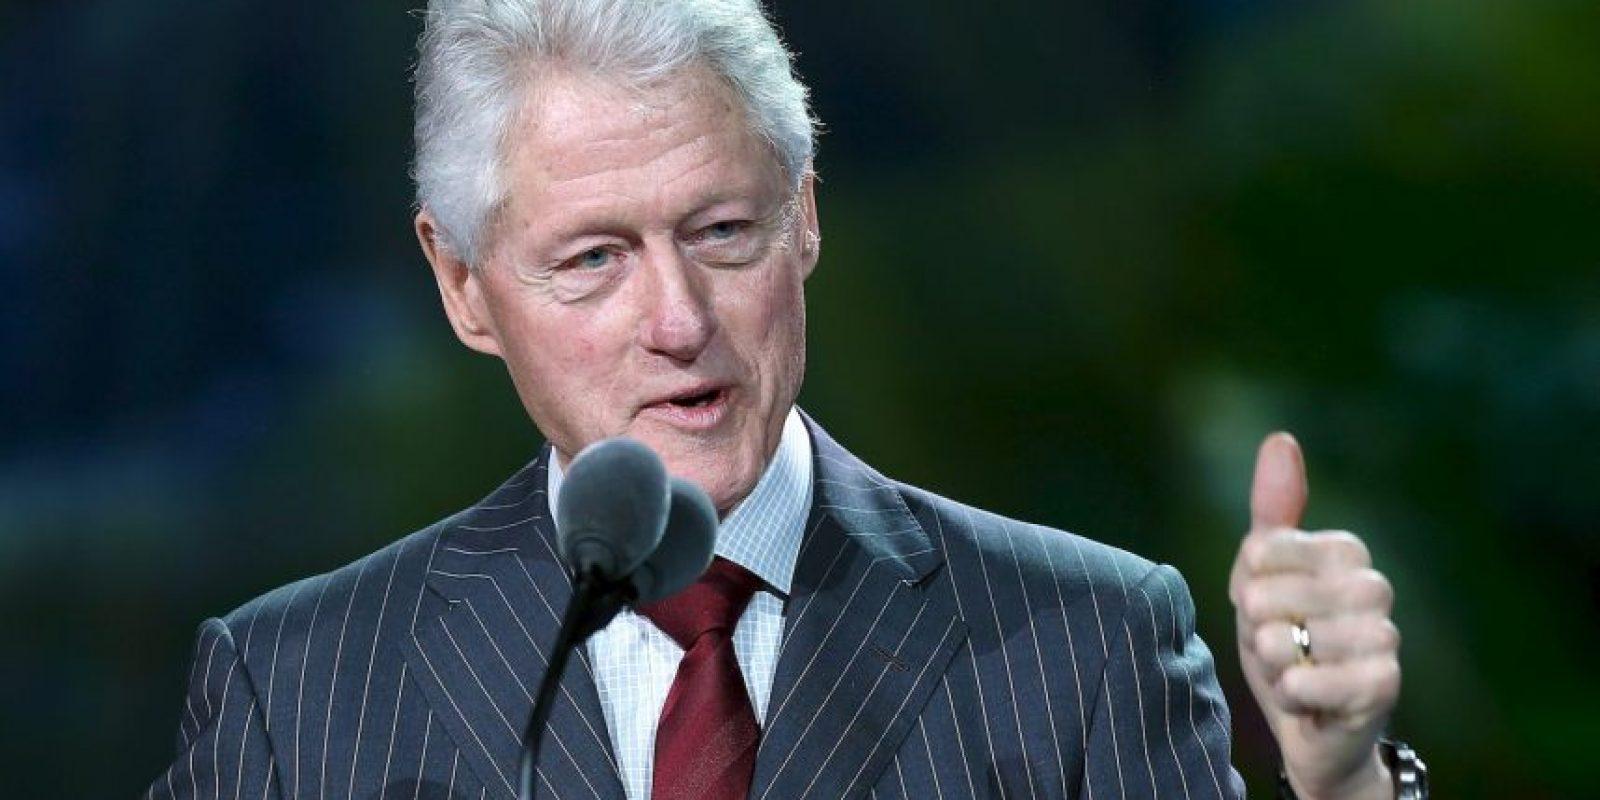 Es una recopilación de Clinton tocando el saxofón durante una gira por Europa en 1995. Se publicó de manera independiente- Clinton. Foto:Getty Images